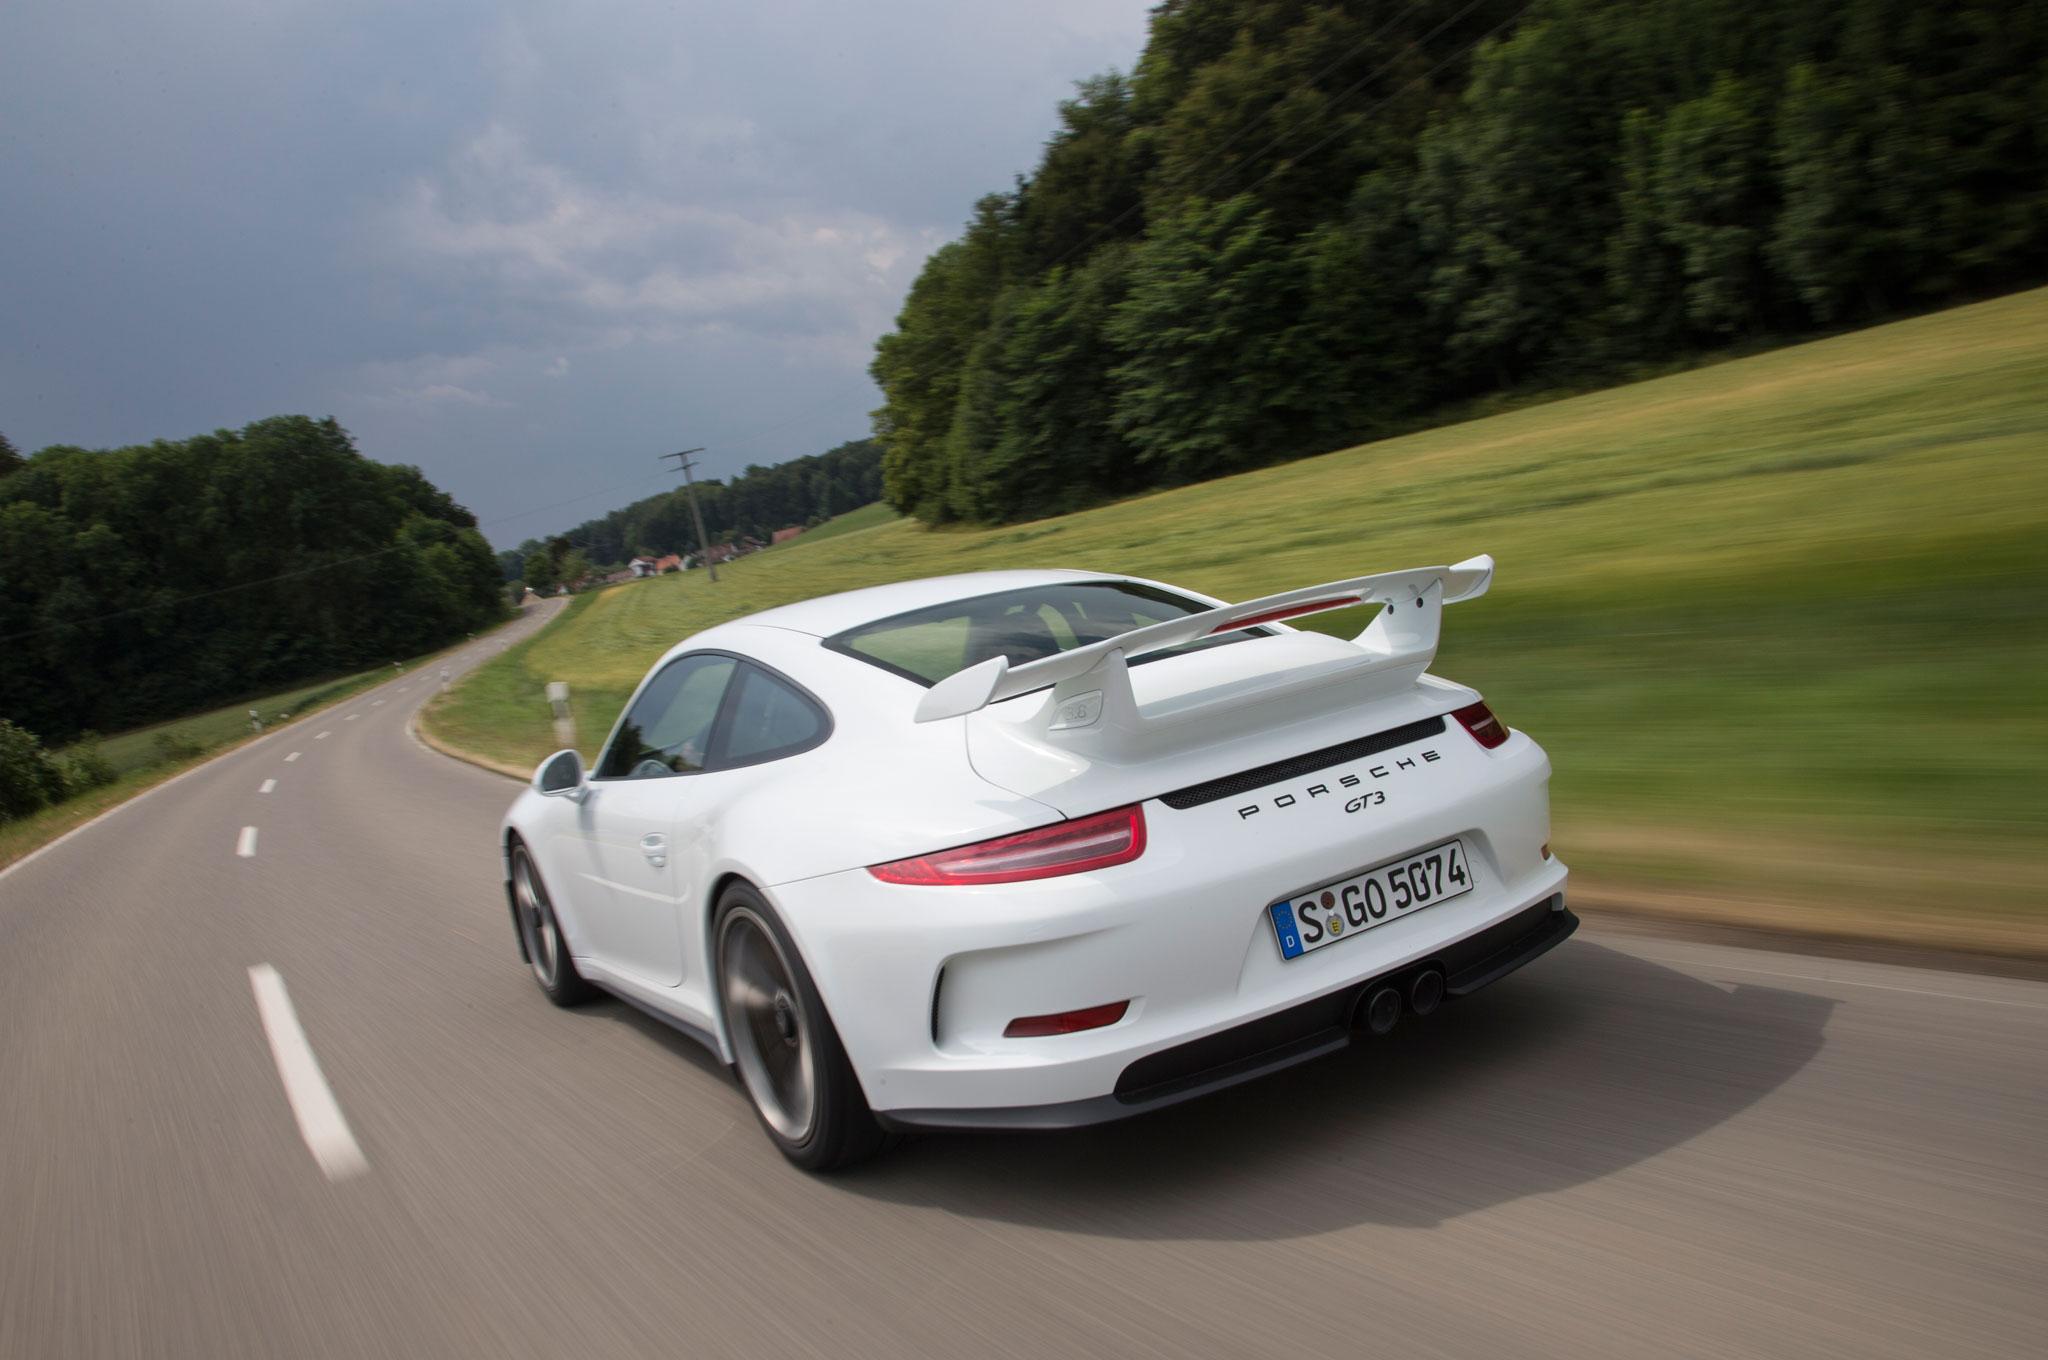 2015-Porsche-911-GT3-Rear-View